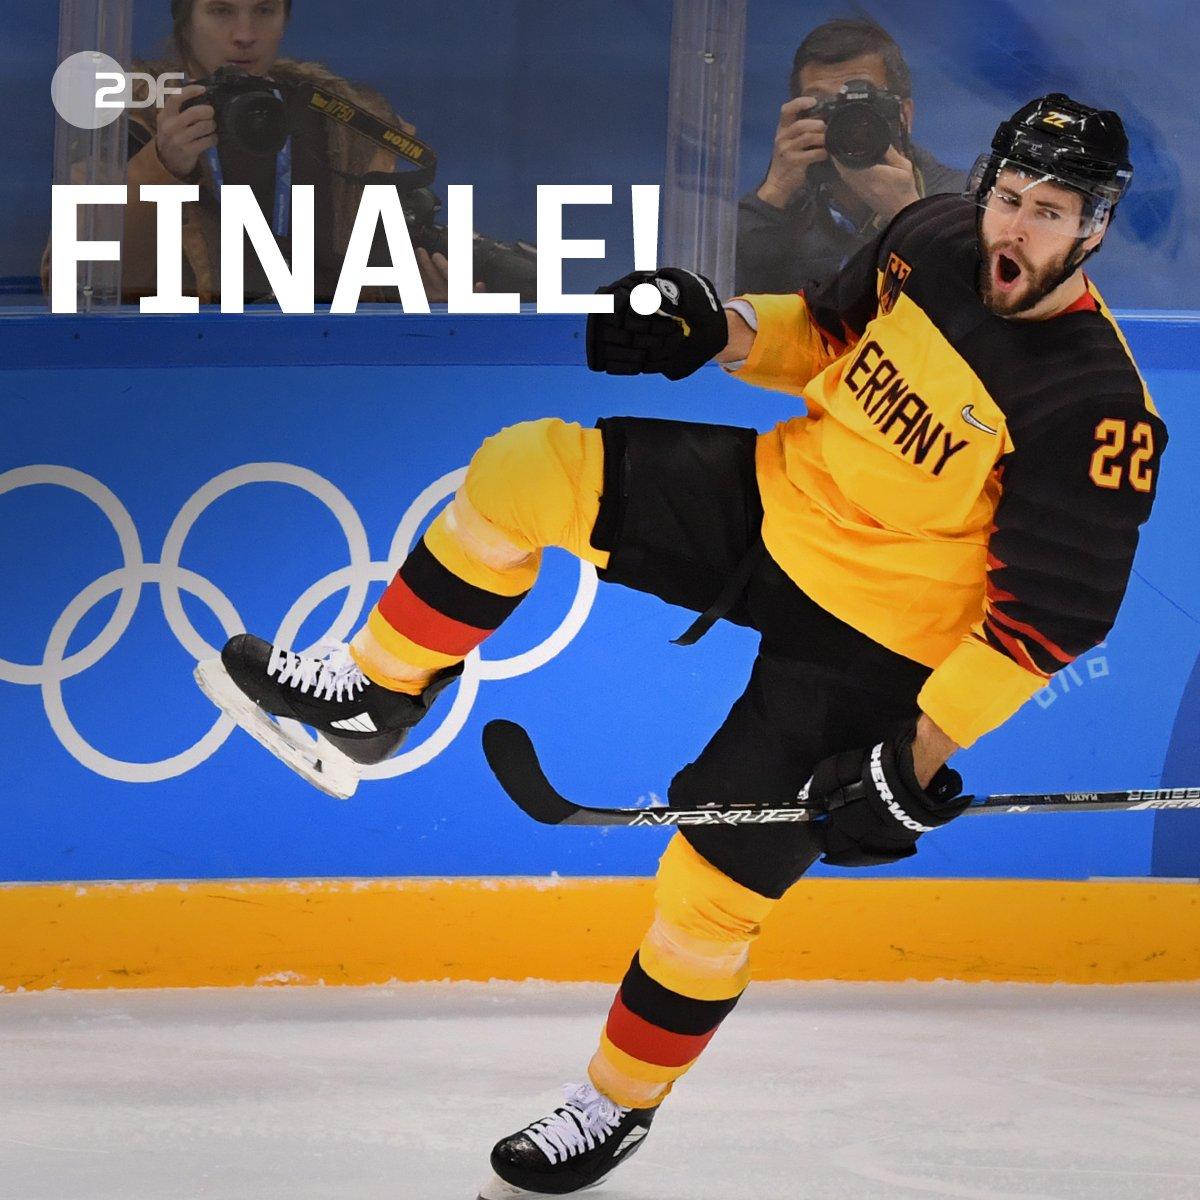 Wahnsinn! Unglaublich! Sensationell! Das deutsche Eishockey-Team schafft es ins Finale. Sie besiegten den neunmaligen Olympiasieger #Kanada und treffen nun auf #Russland. #ZDFwinterspiele #PyeongChang2018